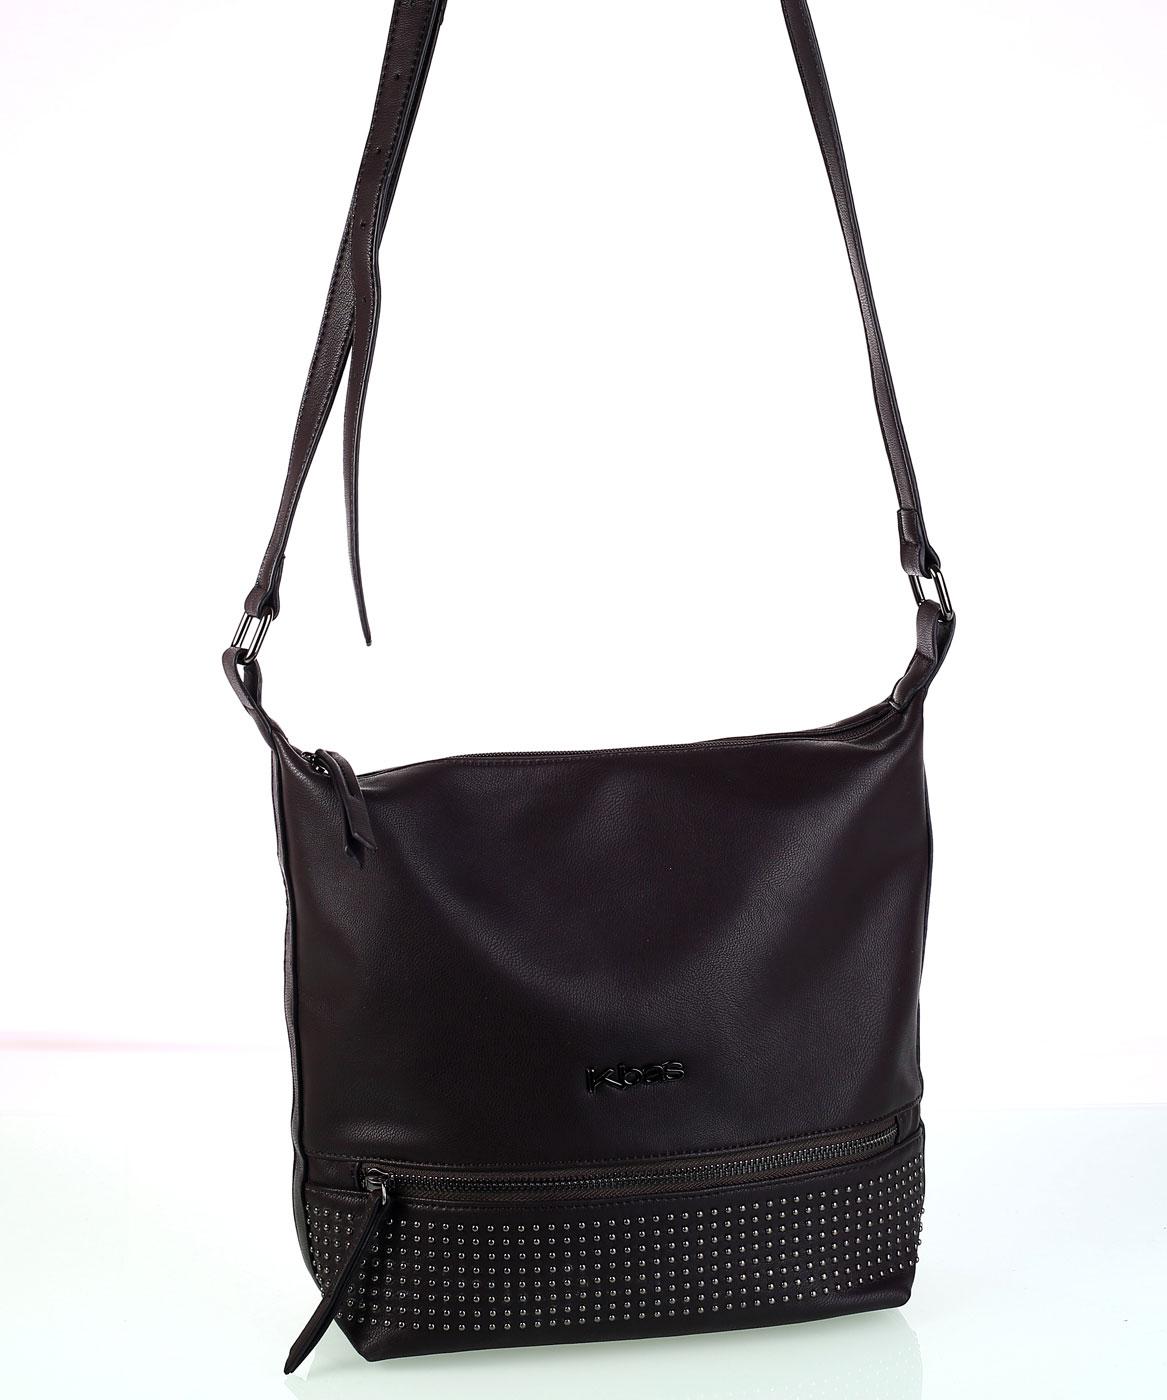 Dámska kabelka cez rameno s predným zipsom hnedá 4aa12621432